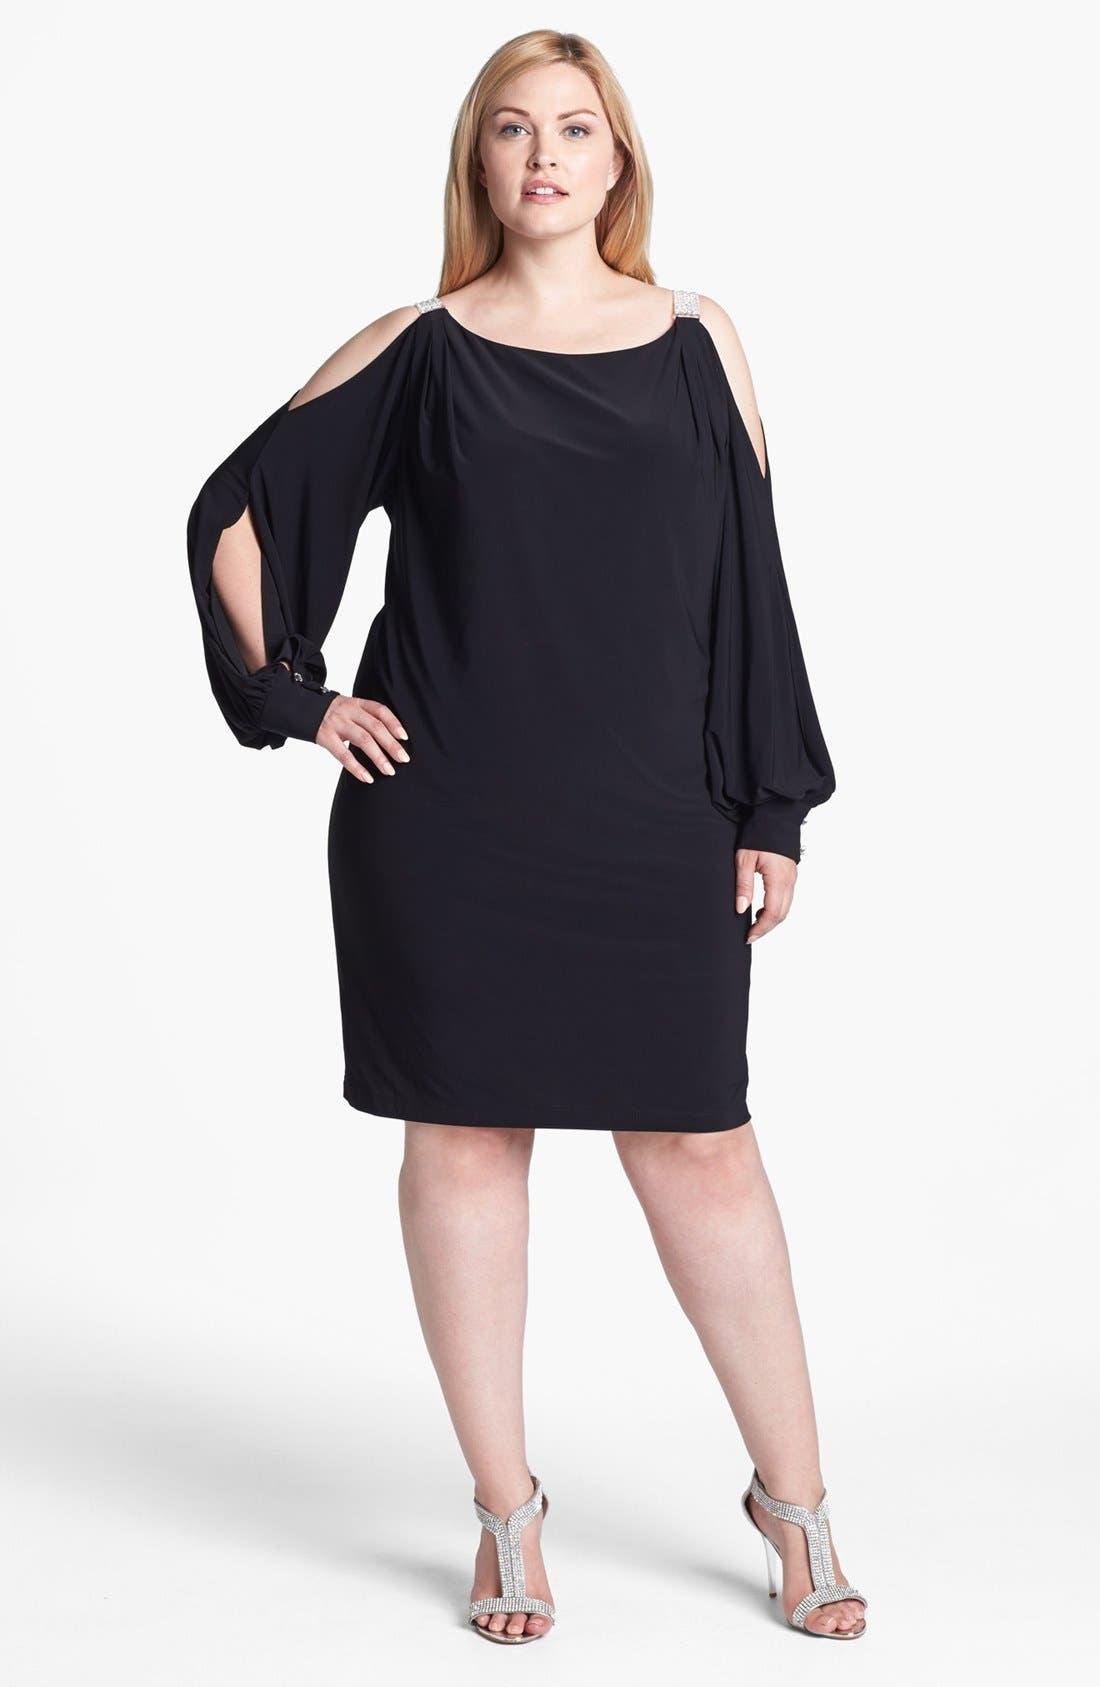 Main Image - Xscape Embellished Cold Shoulder Jersey Dress (Plus Size)